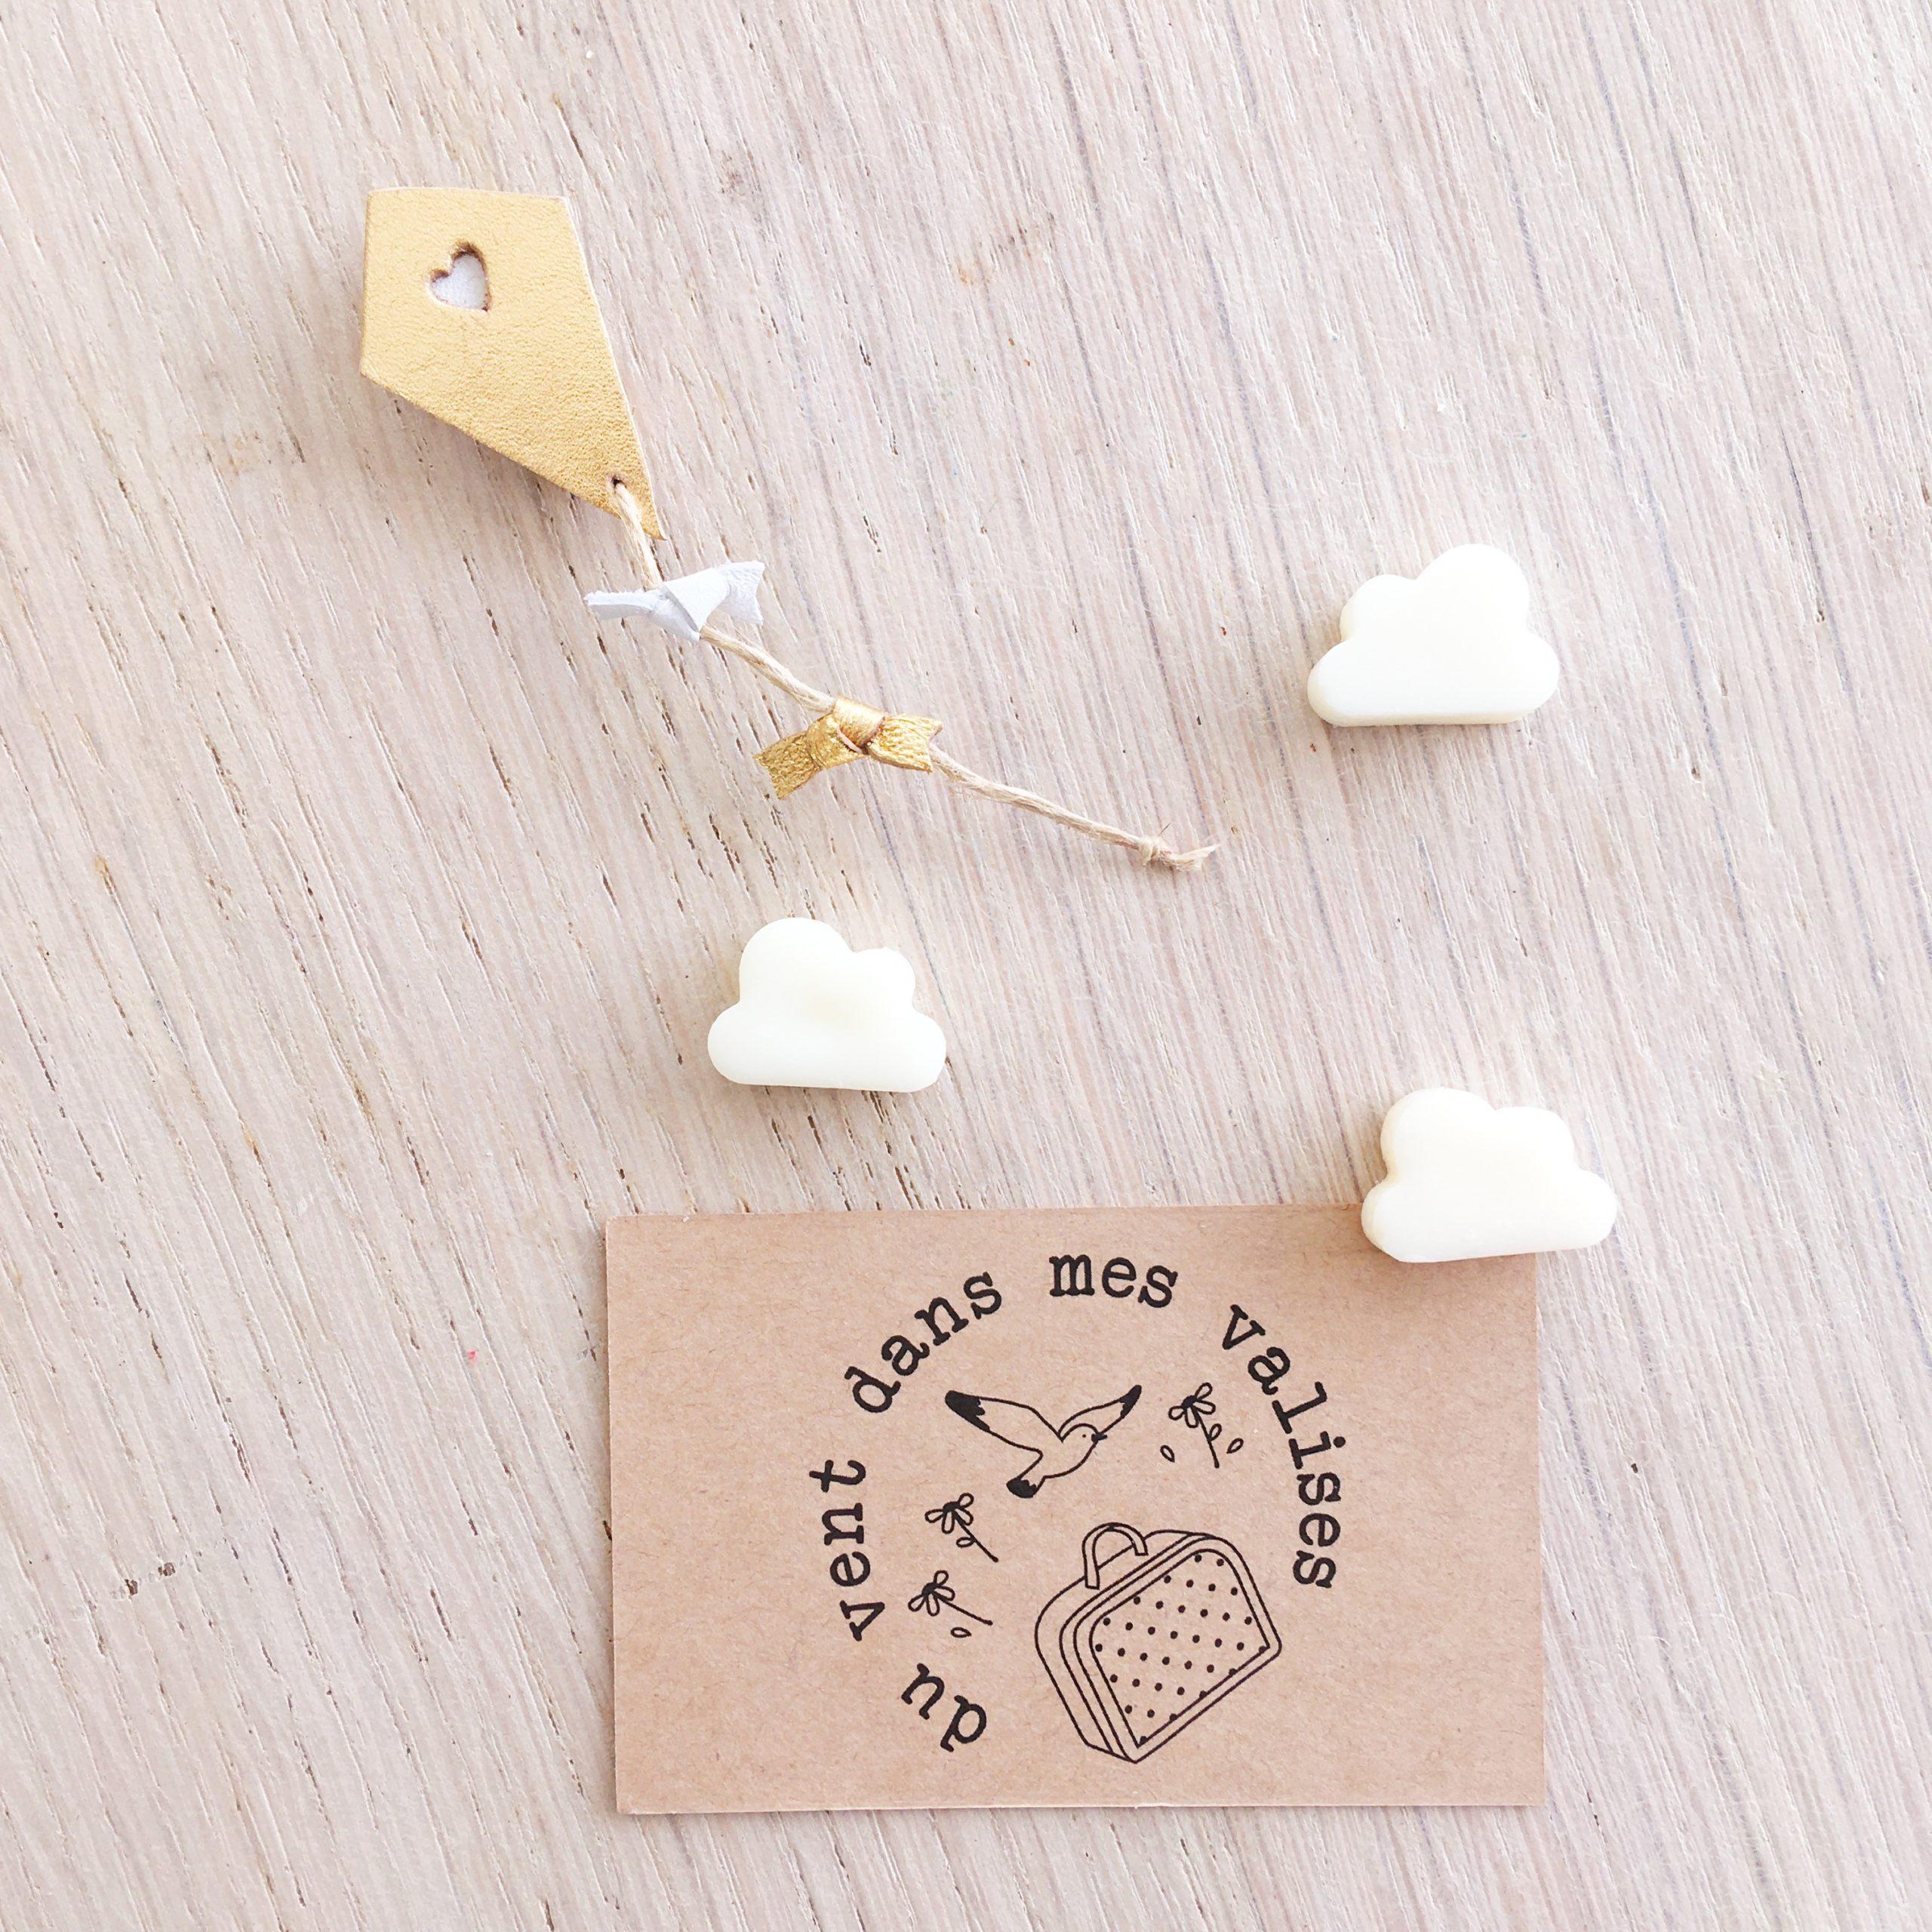 le cerf-volant doré et blanc, broche en cuir fabrication artisanale française - du vent dans mes valises